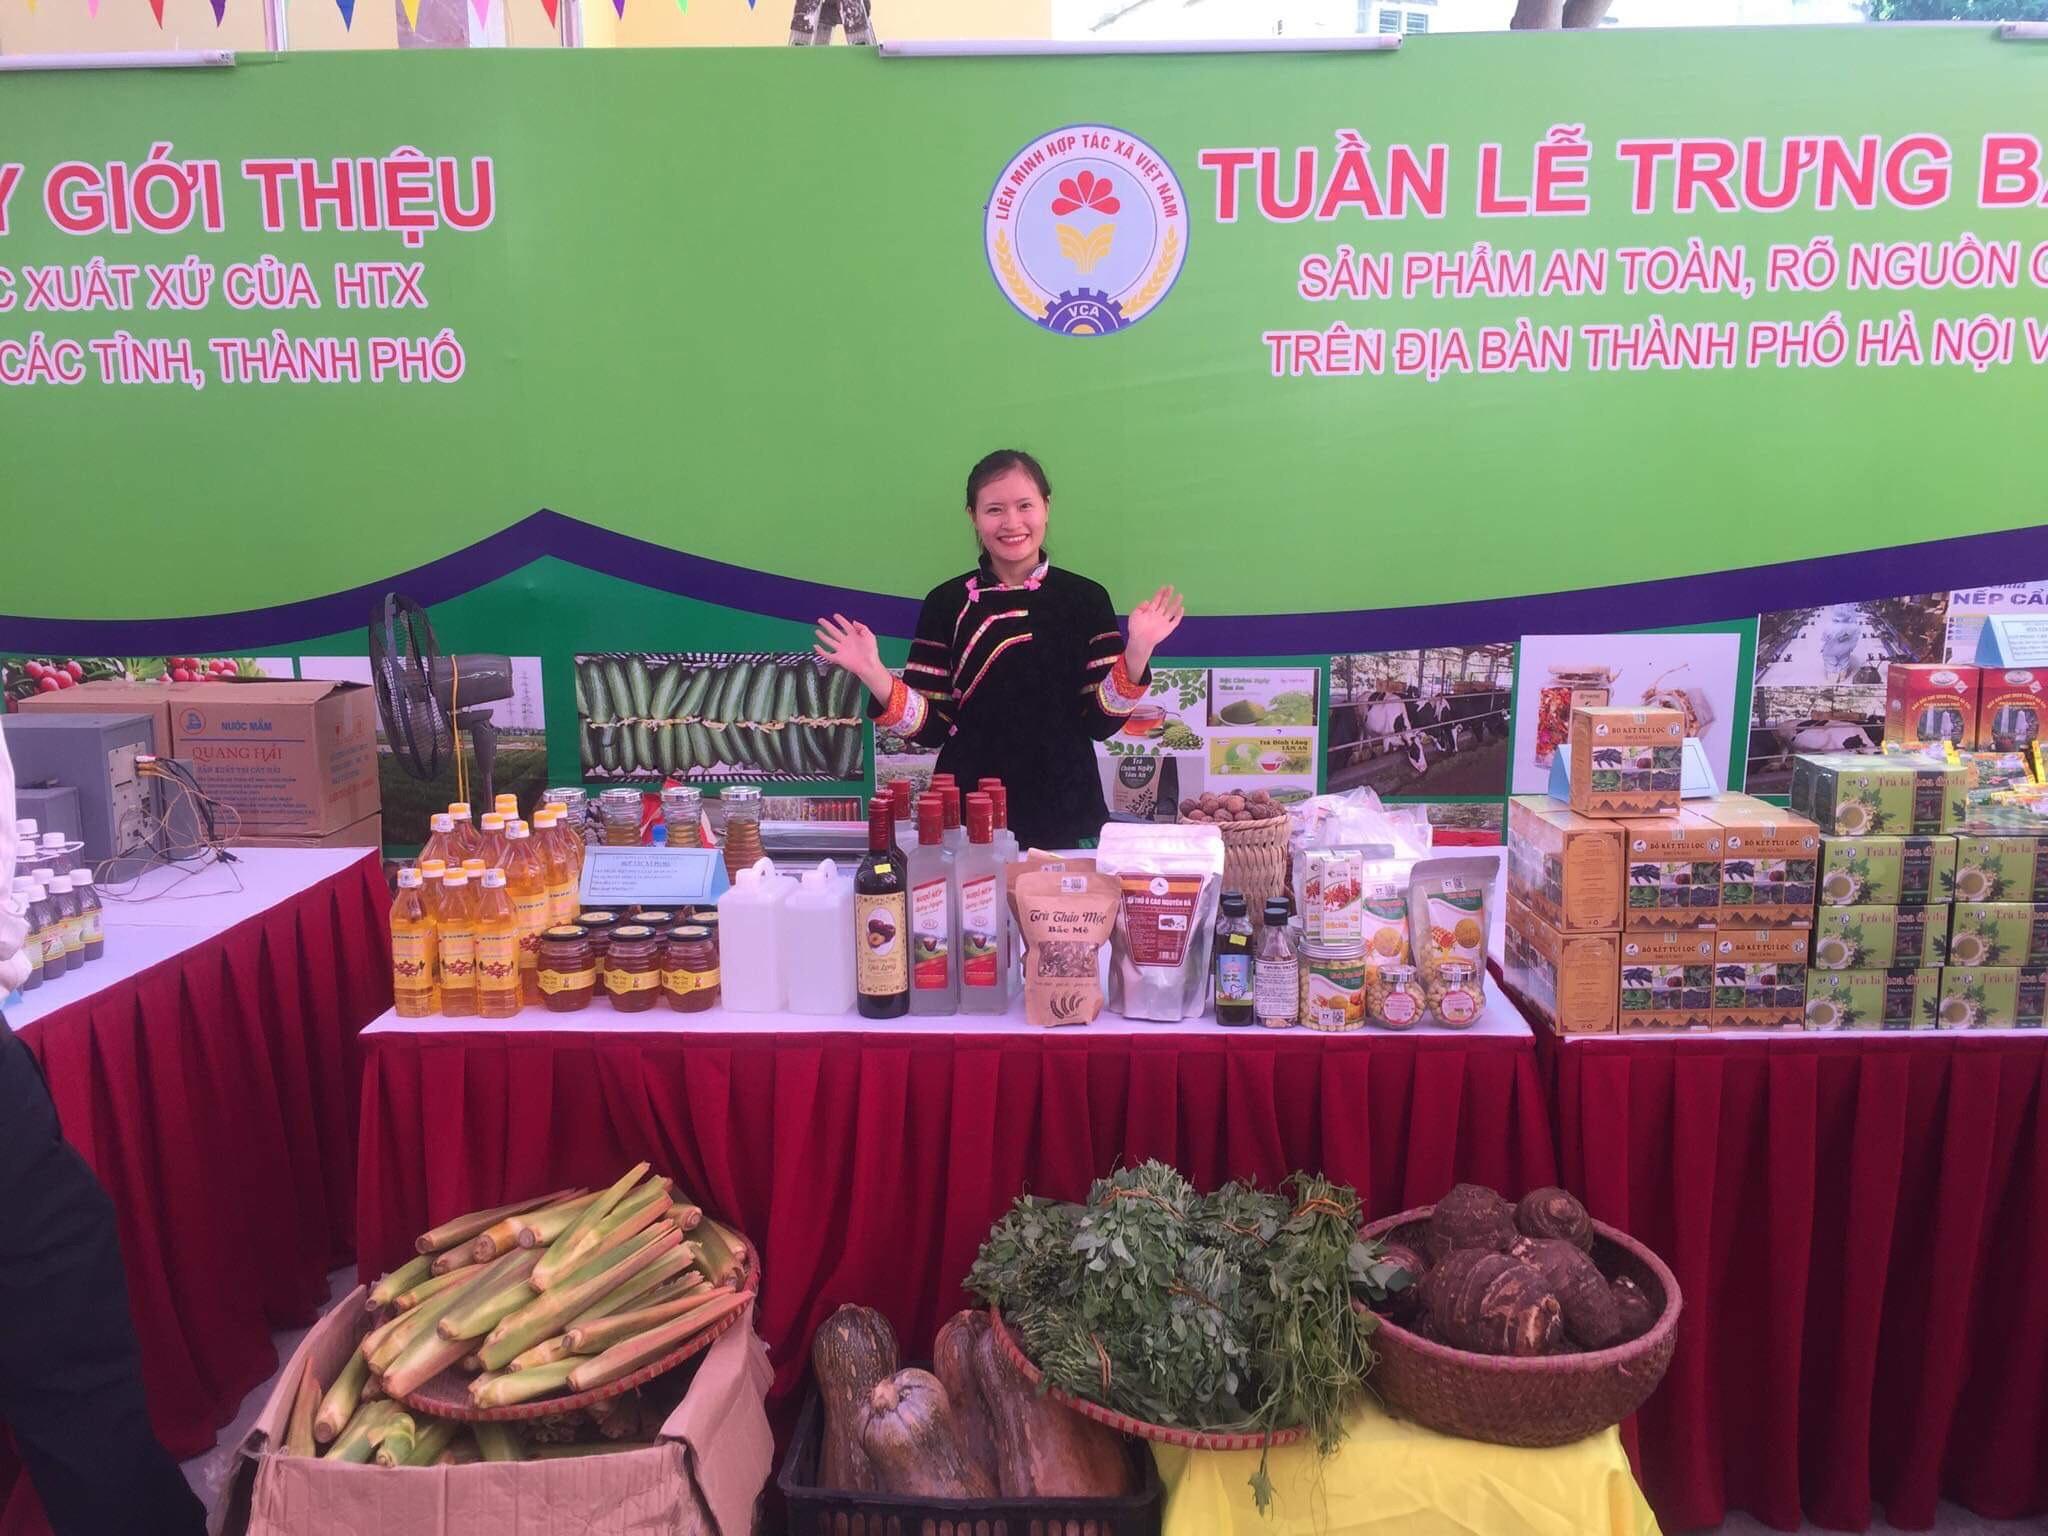 HTX Nông Lâm nghiệp và Dịch vụ thương mại tổng hợp Po Mỷ giới thiệu nông sản tại các hội chợ, triển lãm…